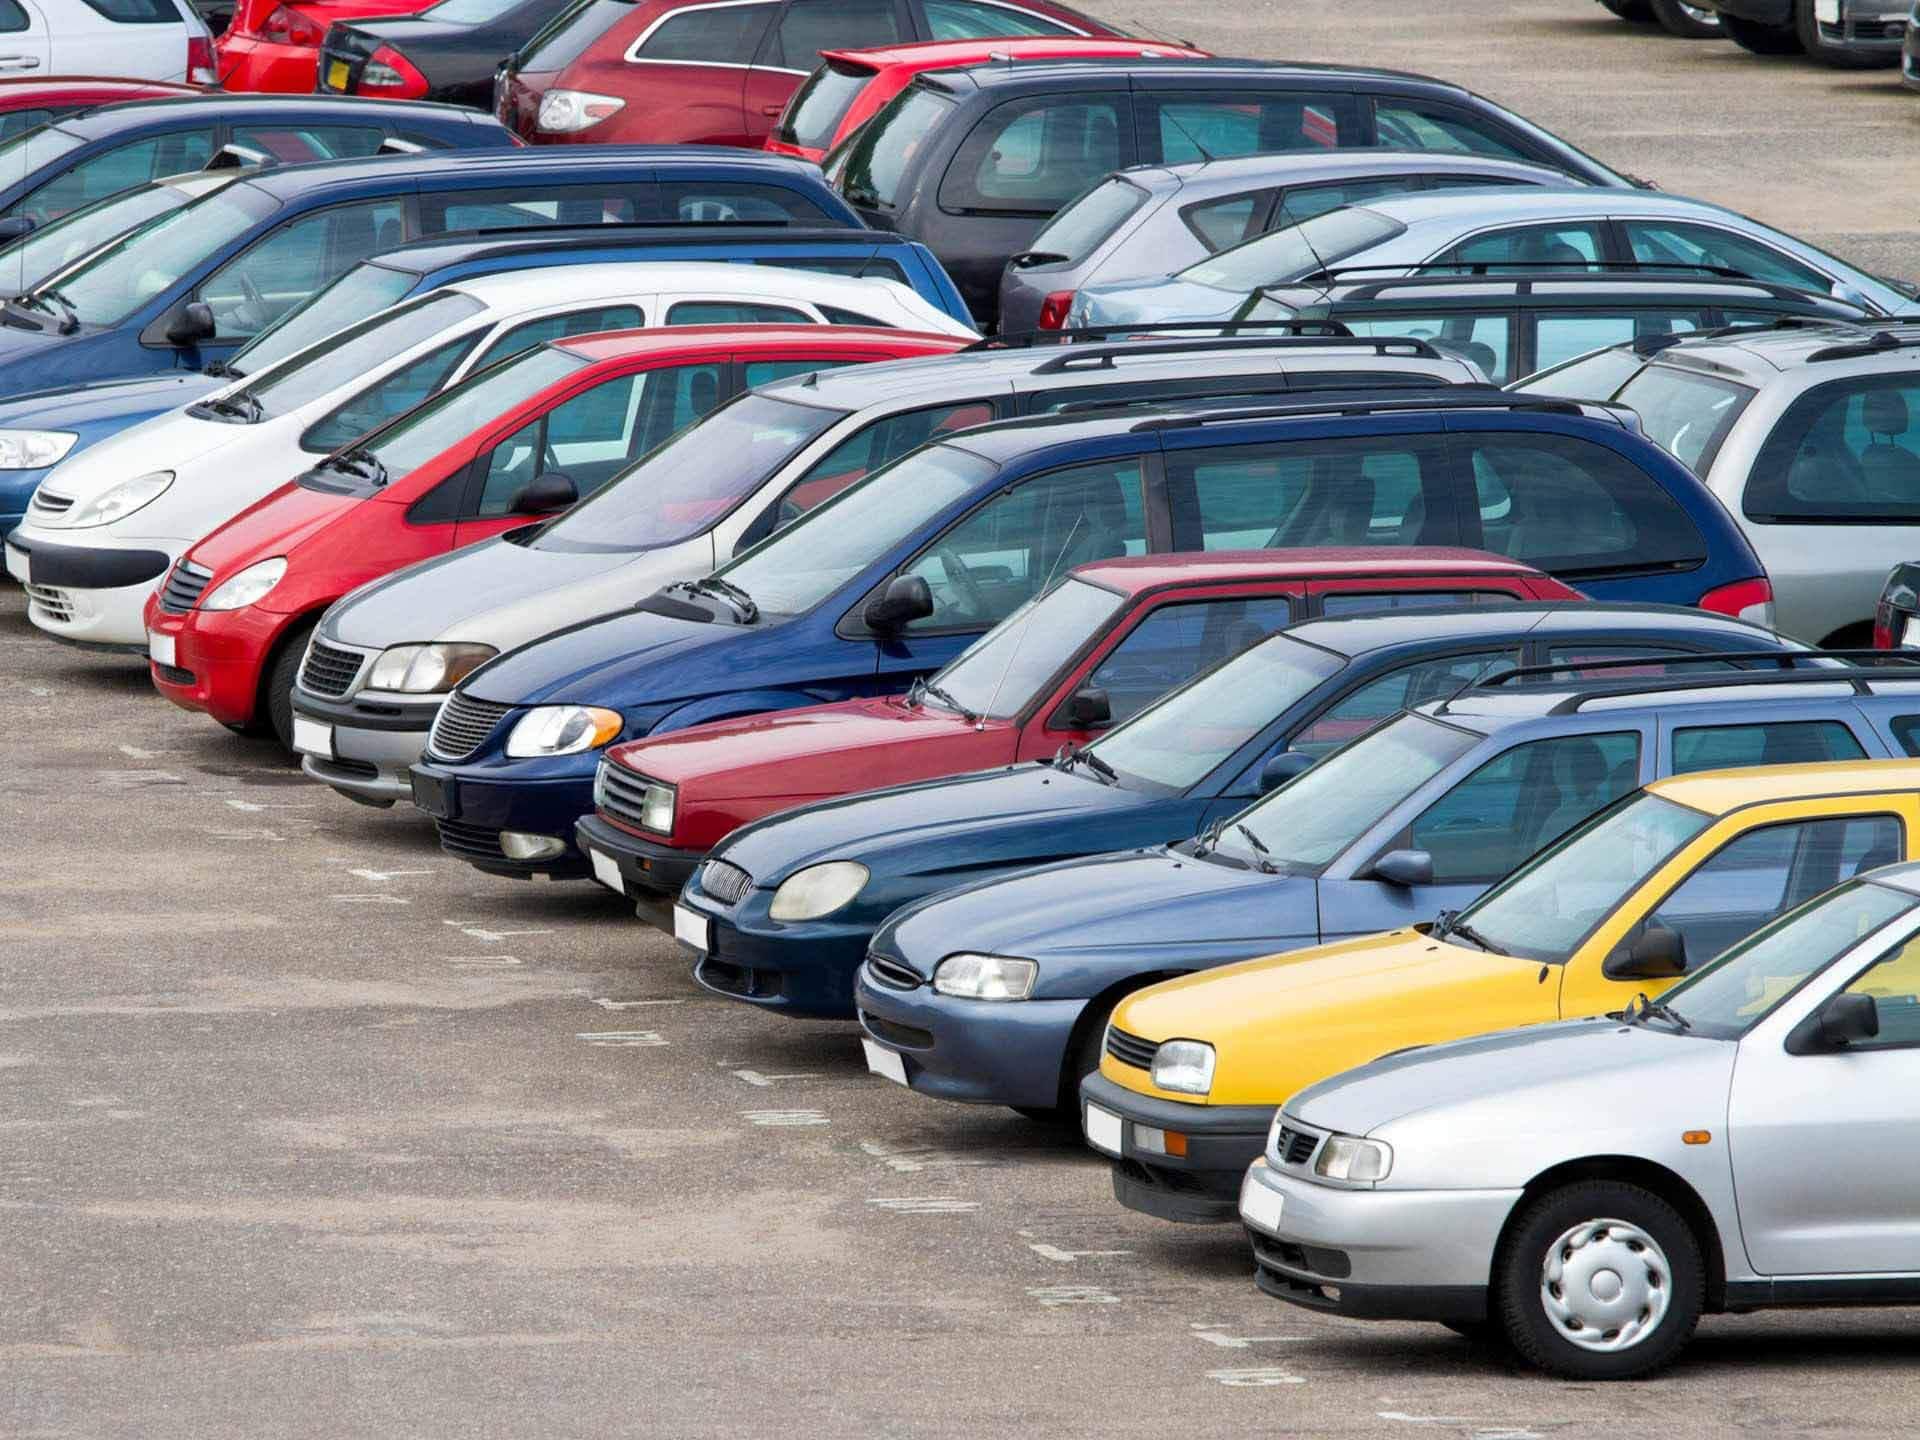 Авито Авто: российский авторынок оживает - спрос почти удвоился